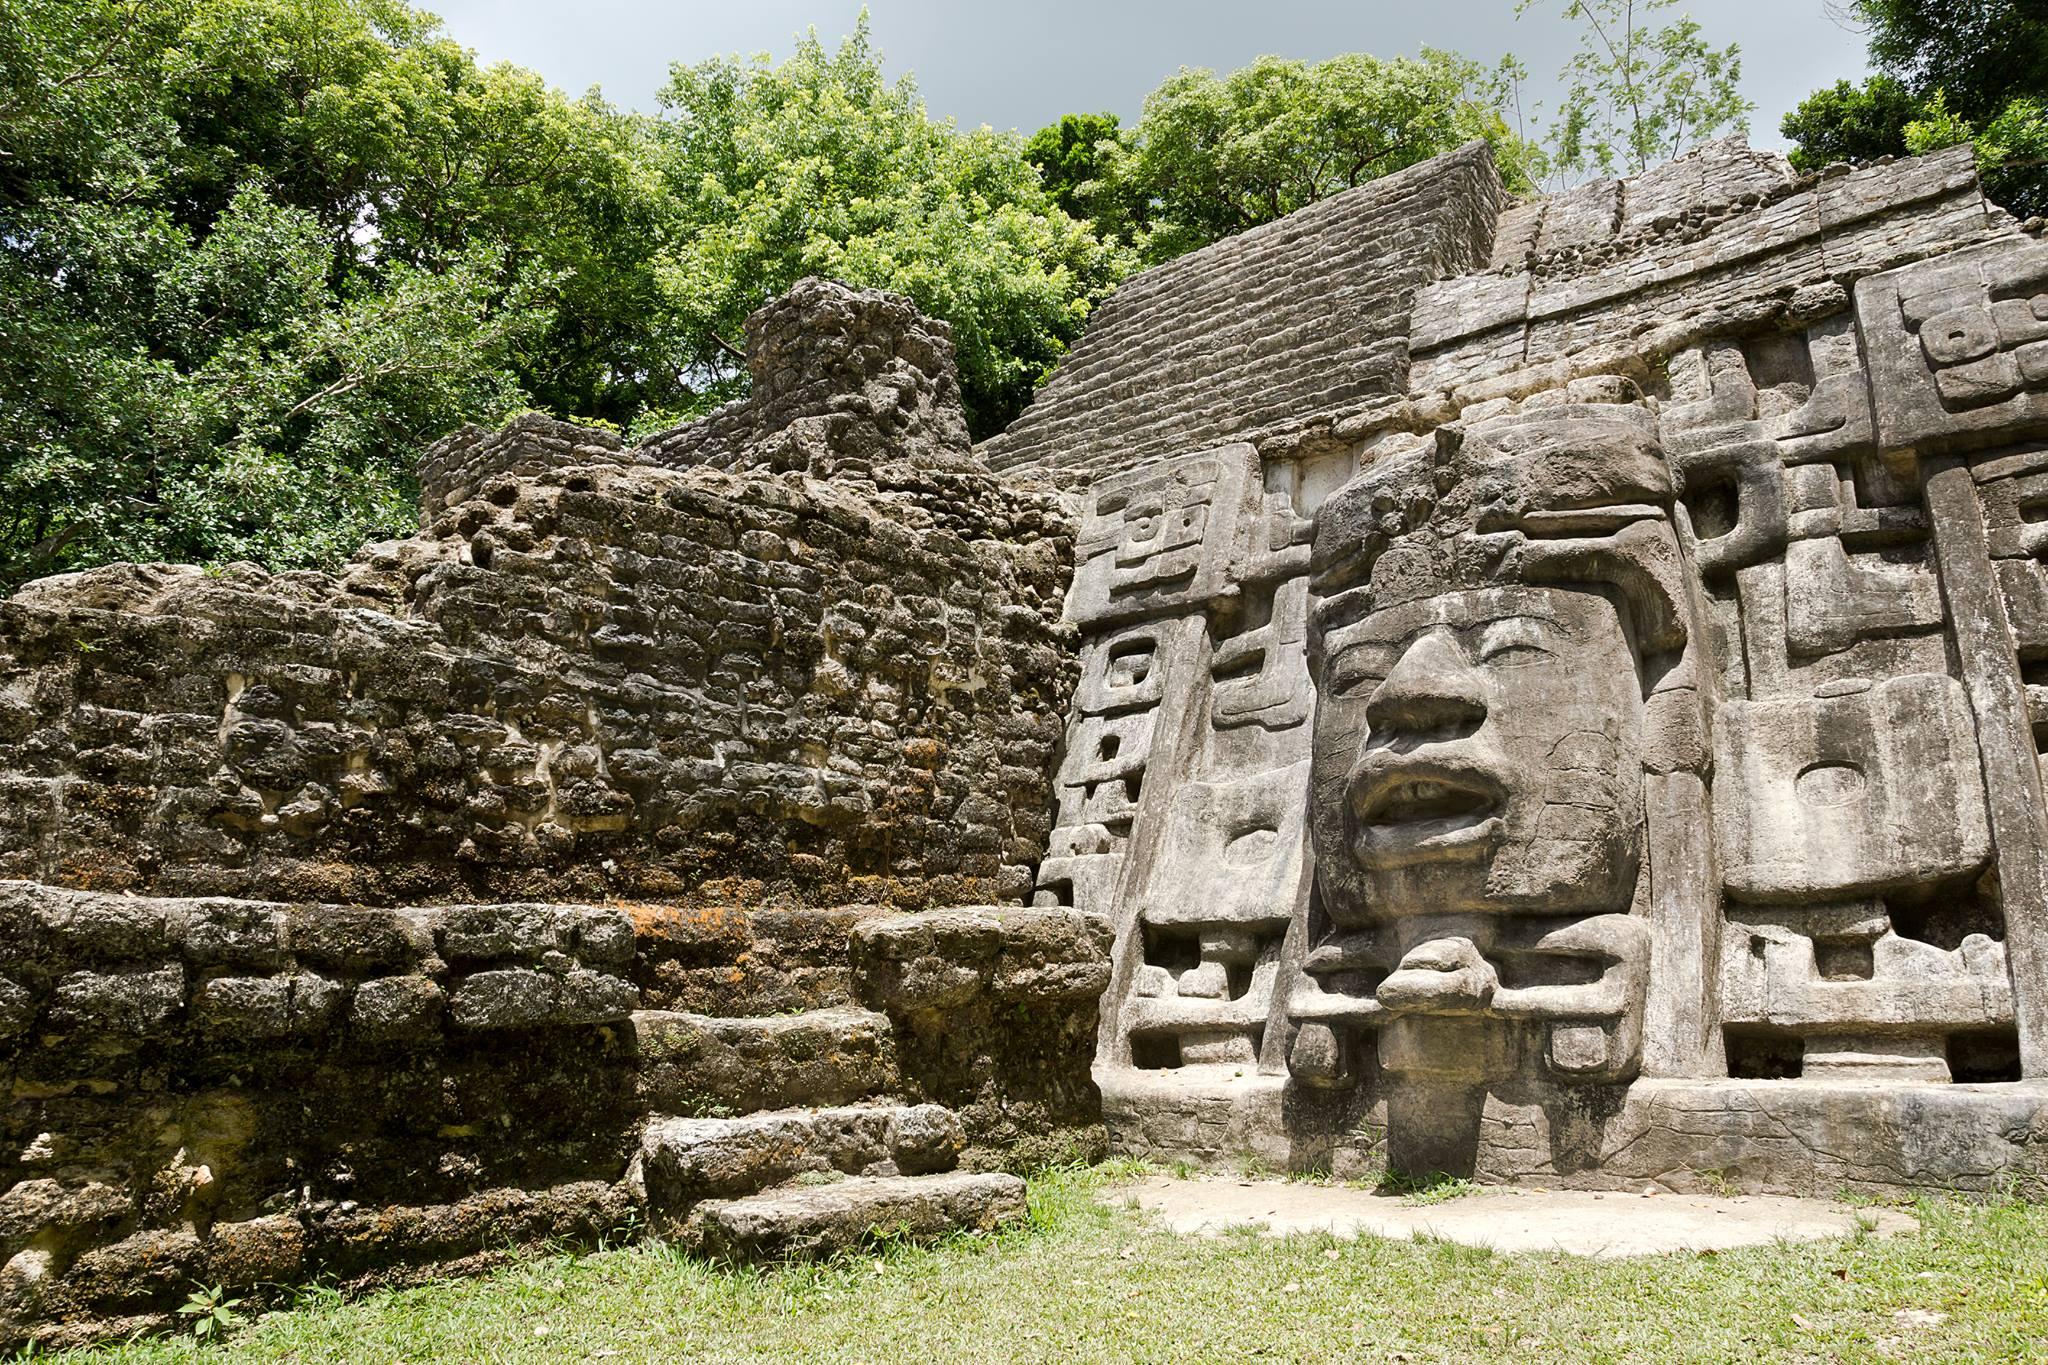 lamanai-maya-ruins-in-belize.jpg